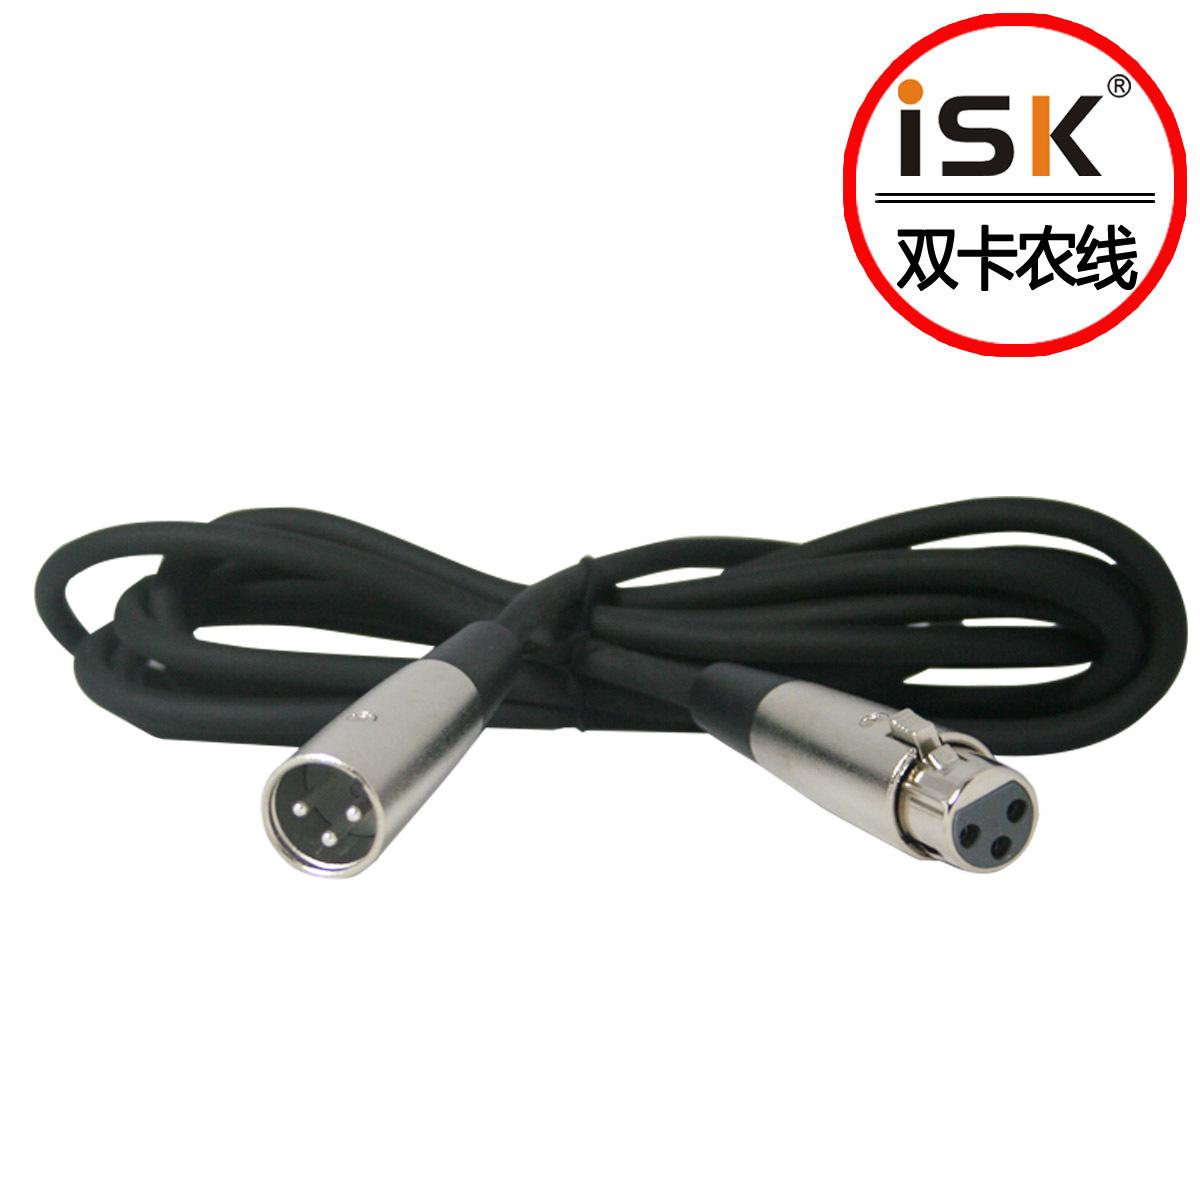 音频连接线正品行货ISK C-1 卡农母对卡农公 2.5米高屏蔽低噪音